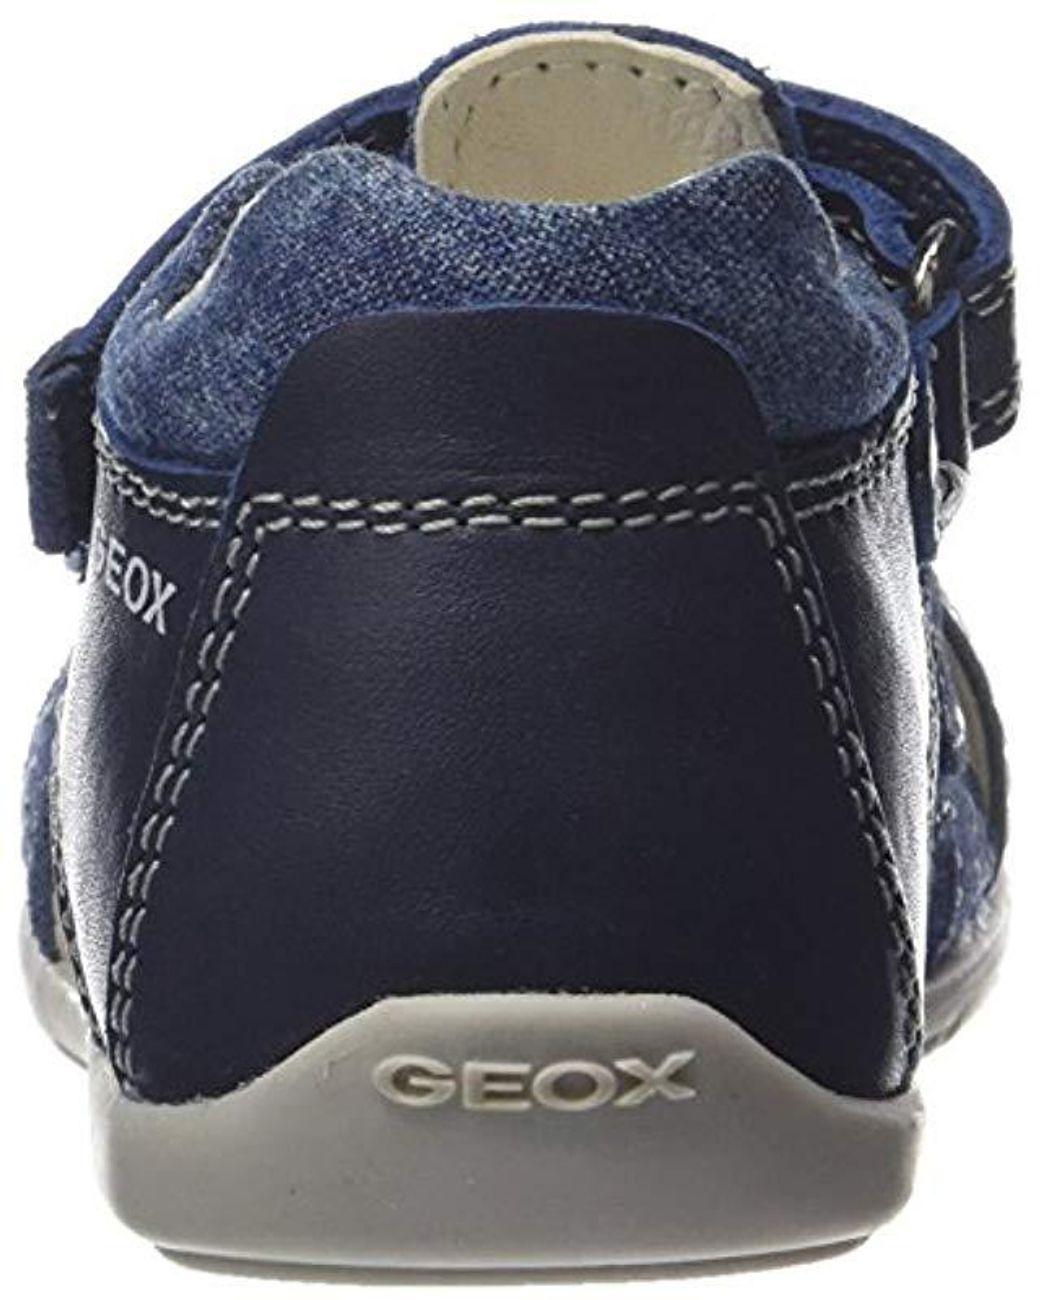 lila Zapatos antideslizantes Medicinal  Geox B Kaytan A Zapatos para bebé Primeros pasos Zapatillas para ...